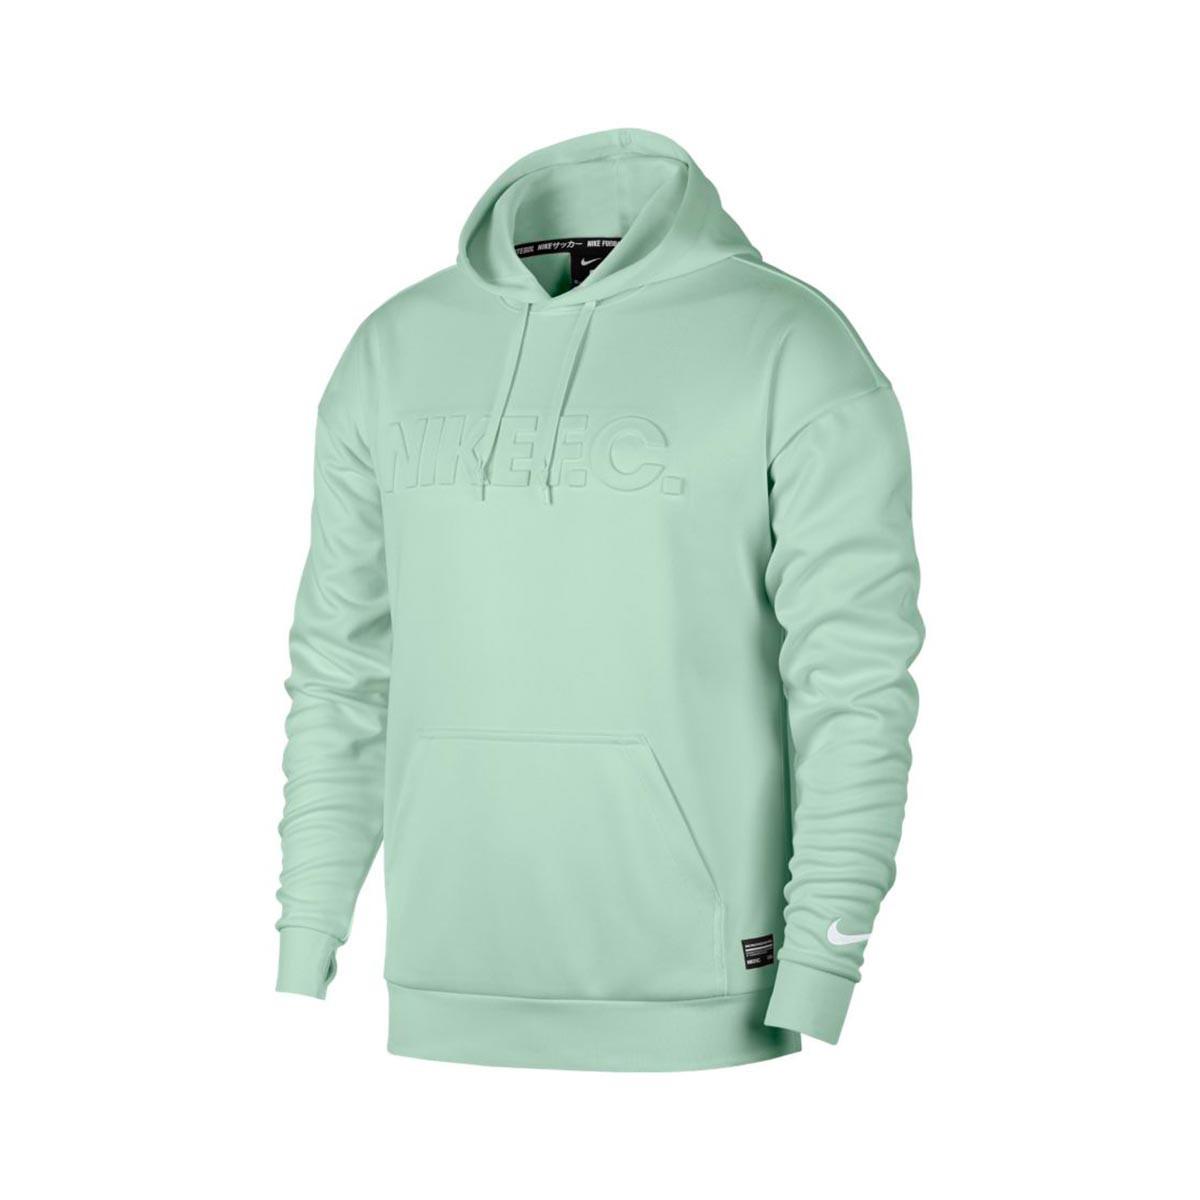 nike swoosh hoodie pink foam/pistachio frost